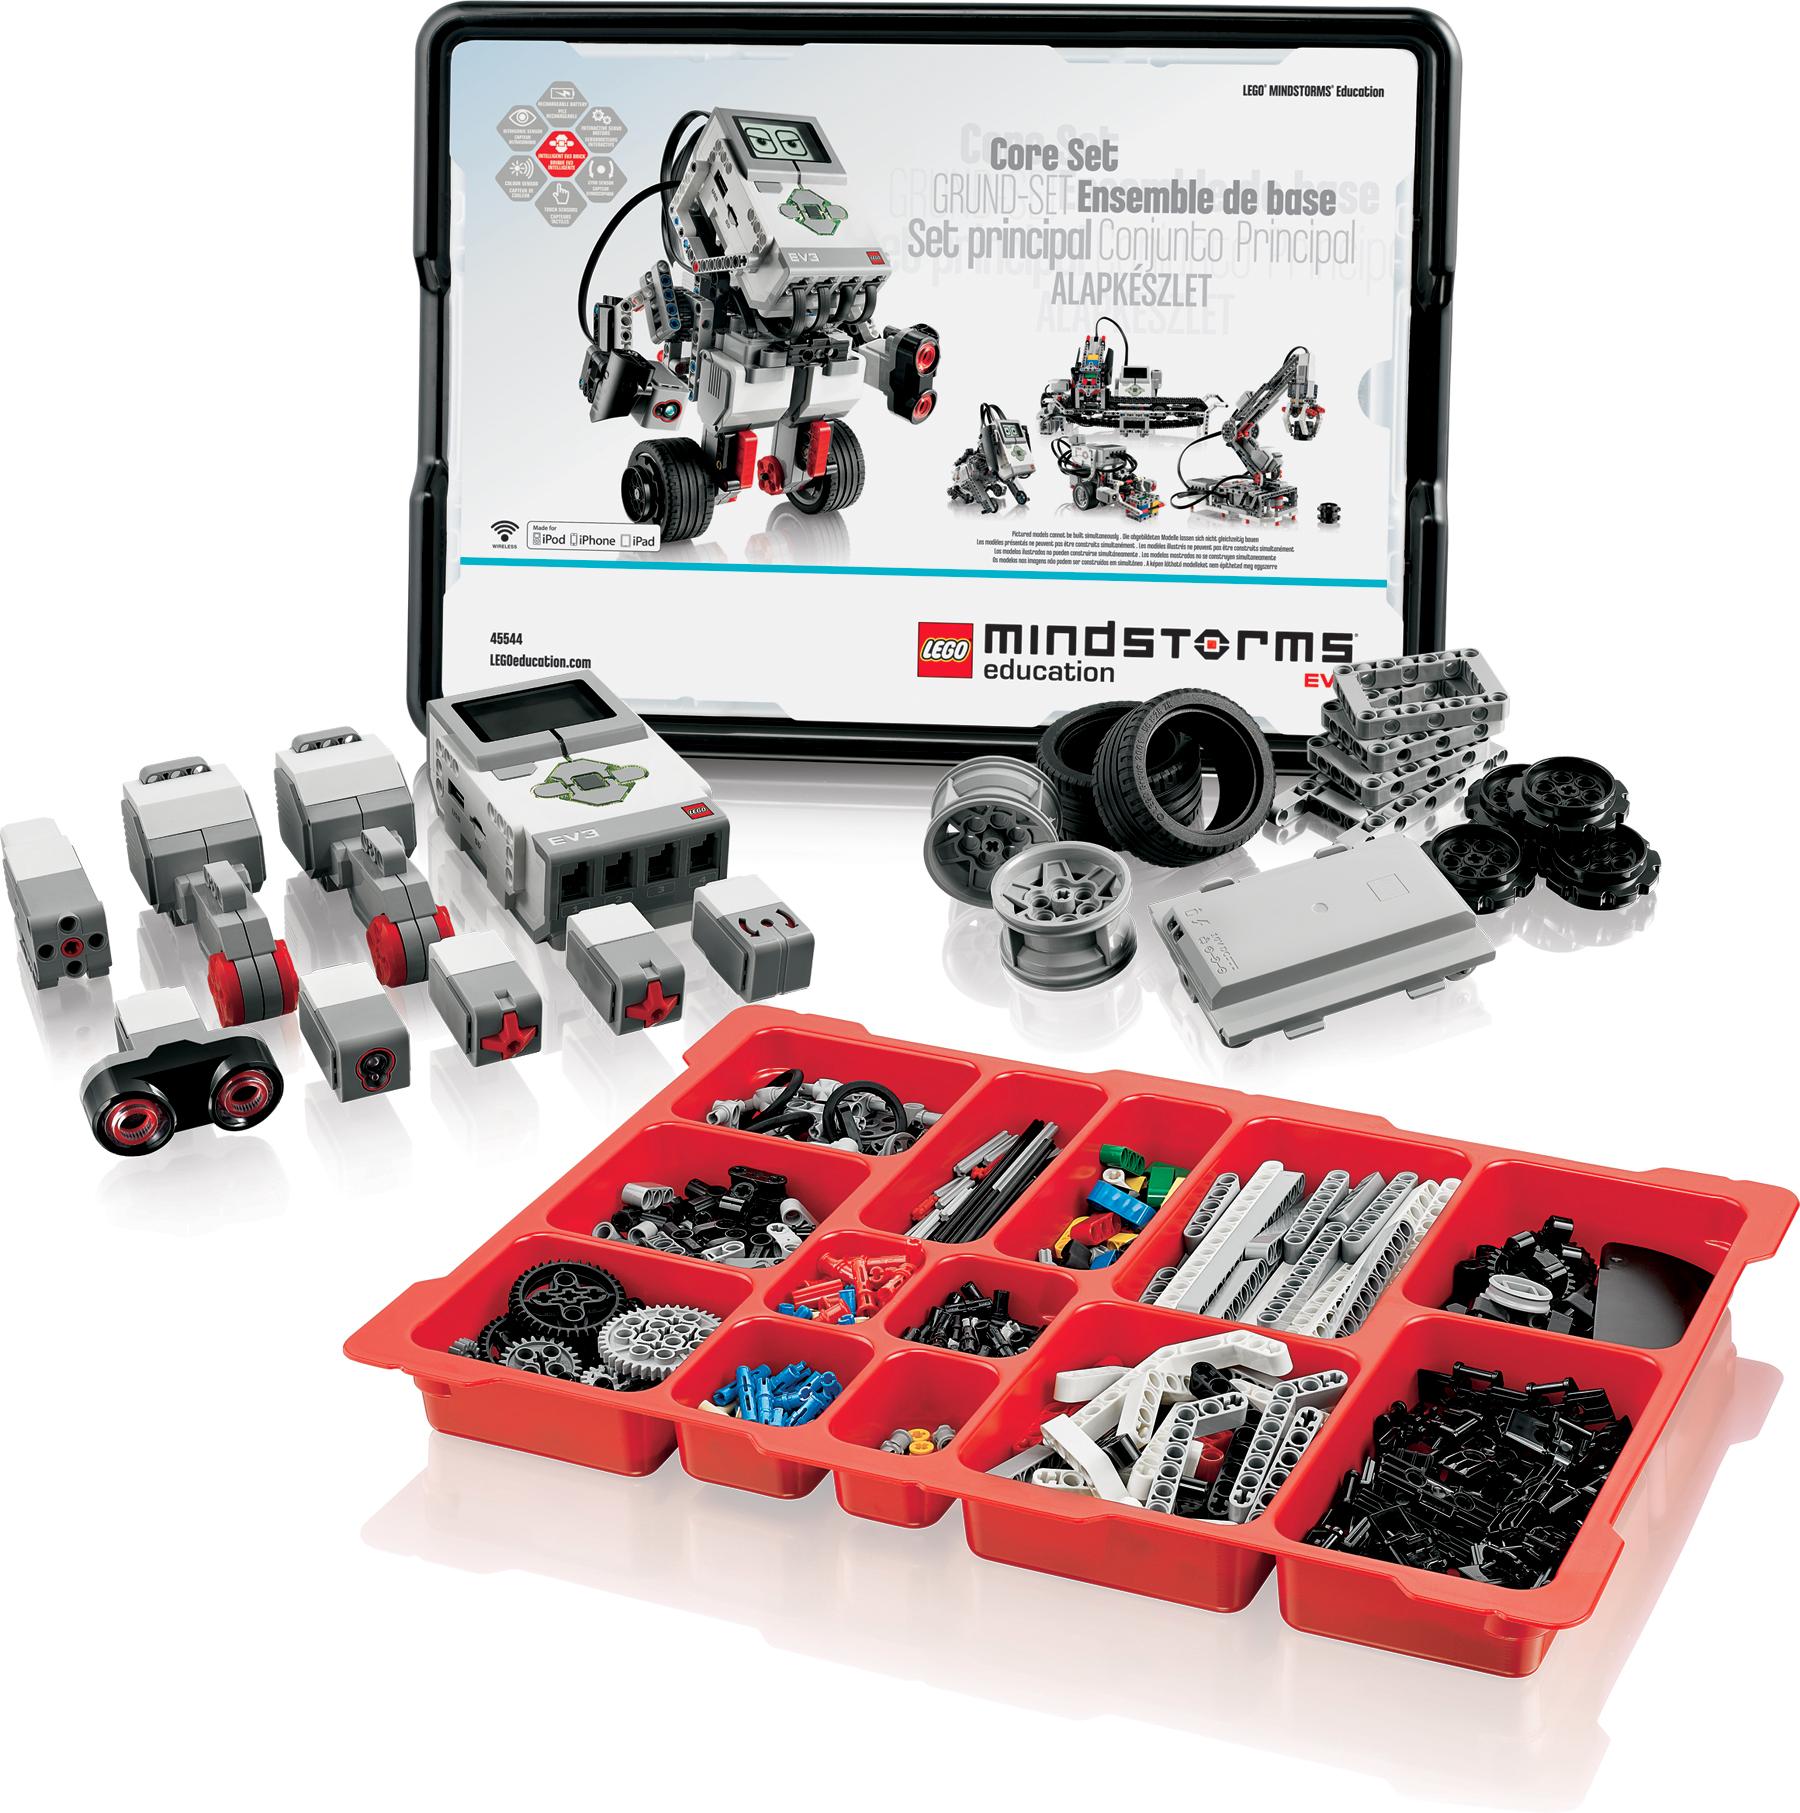 Docs Electronic Ear For Lego Rcx Module Image